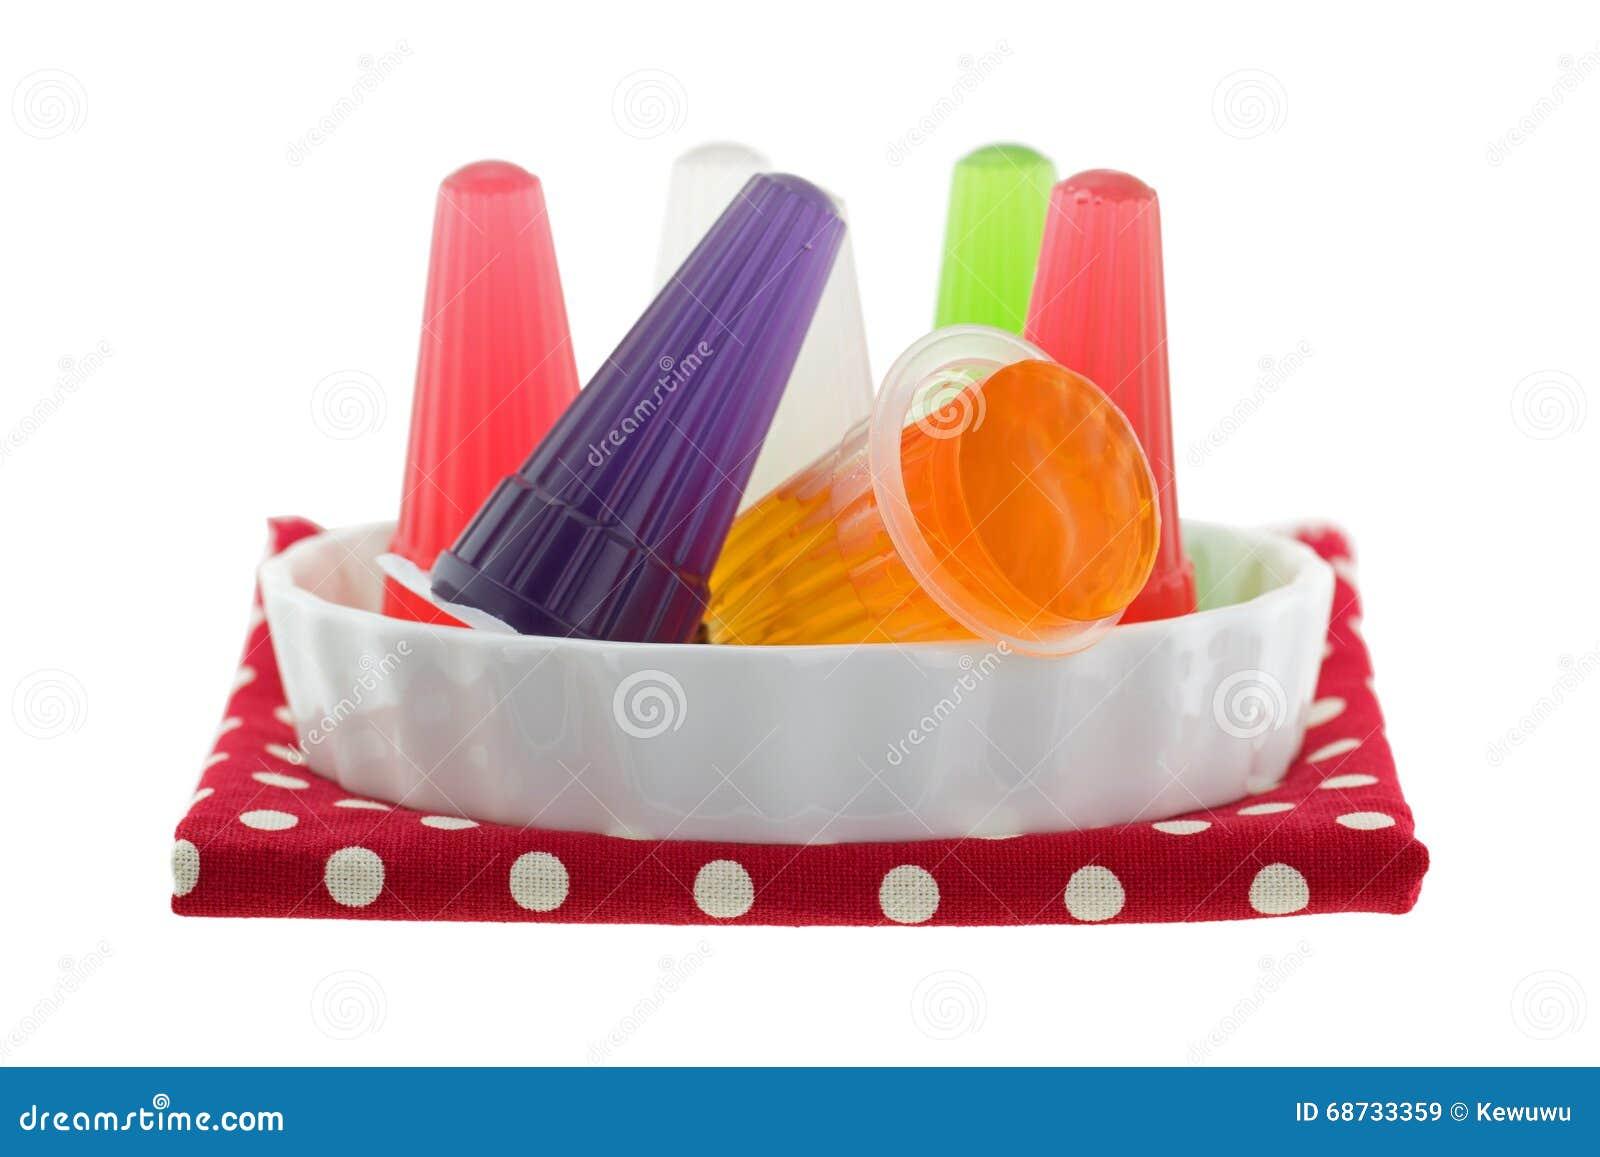 Gelée assortie colorée de carraghénane avec des saveurs fruitées dans petit